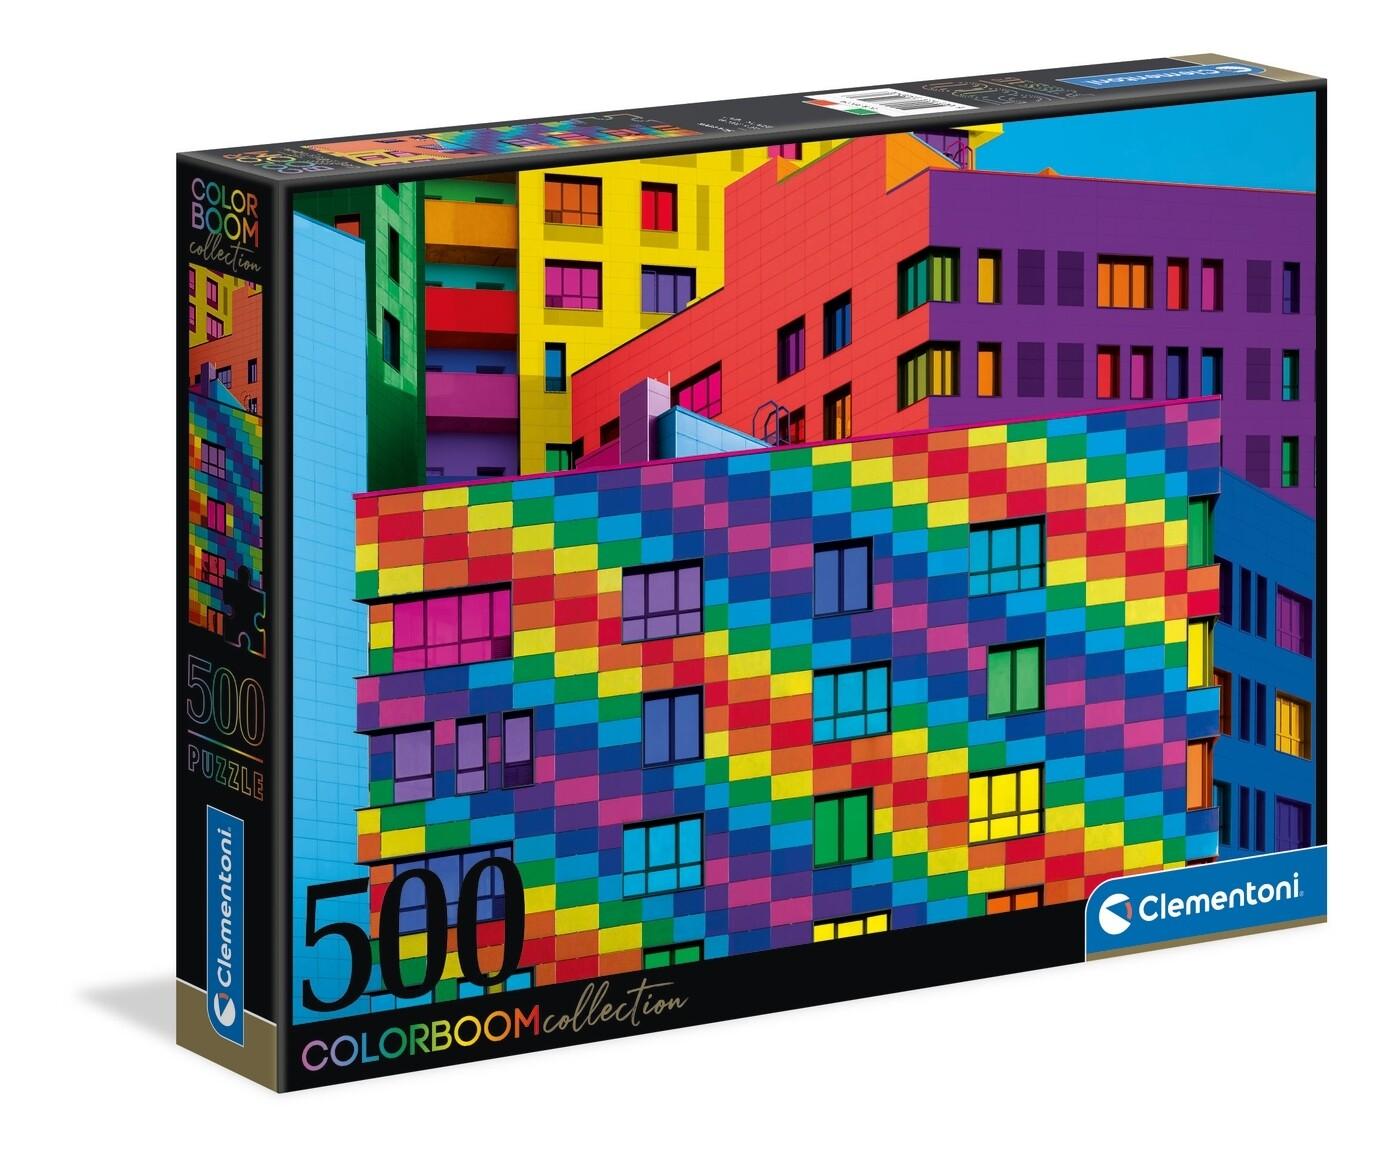 PUZZLE 500 HQ Colorboom Squares - CLEMENTONI